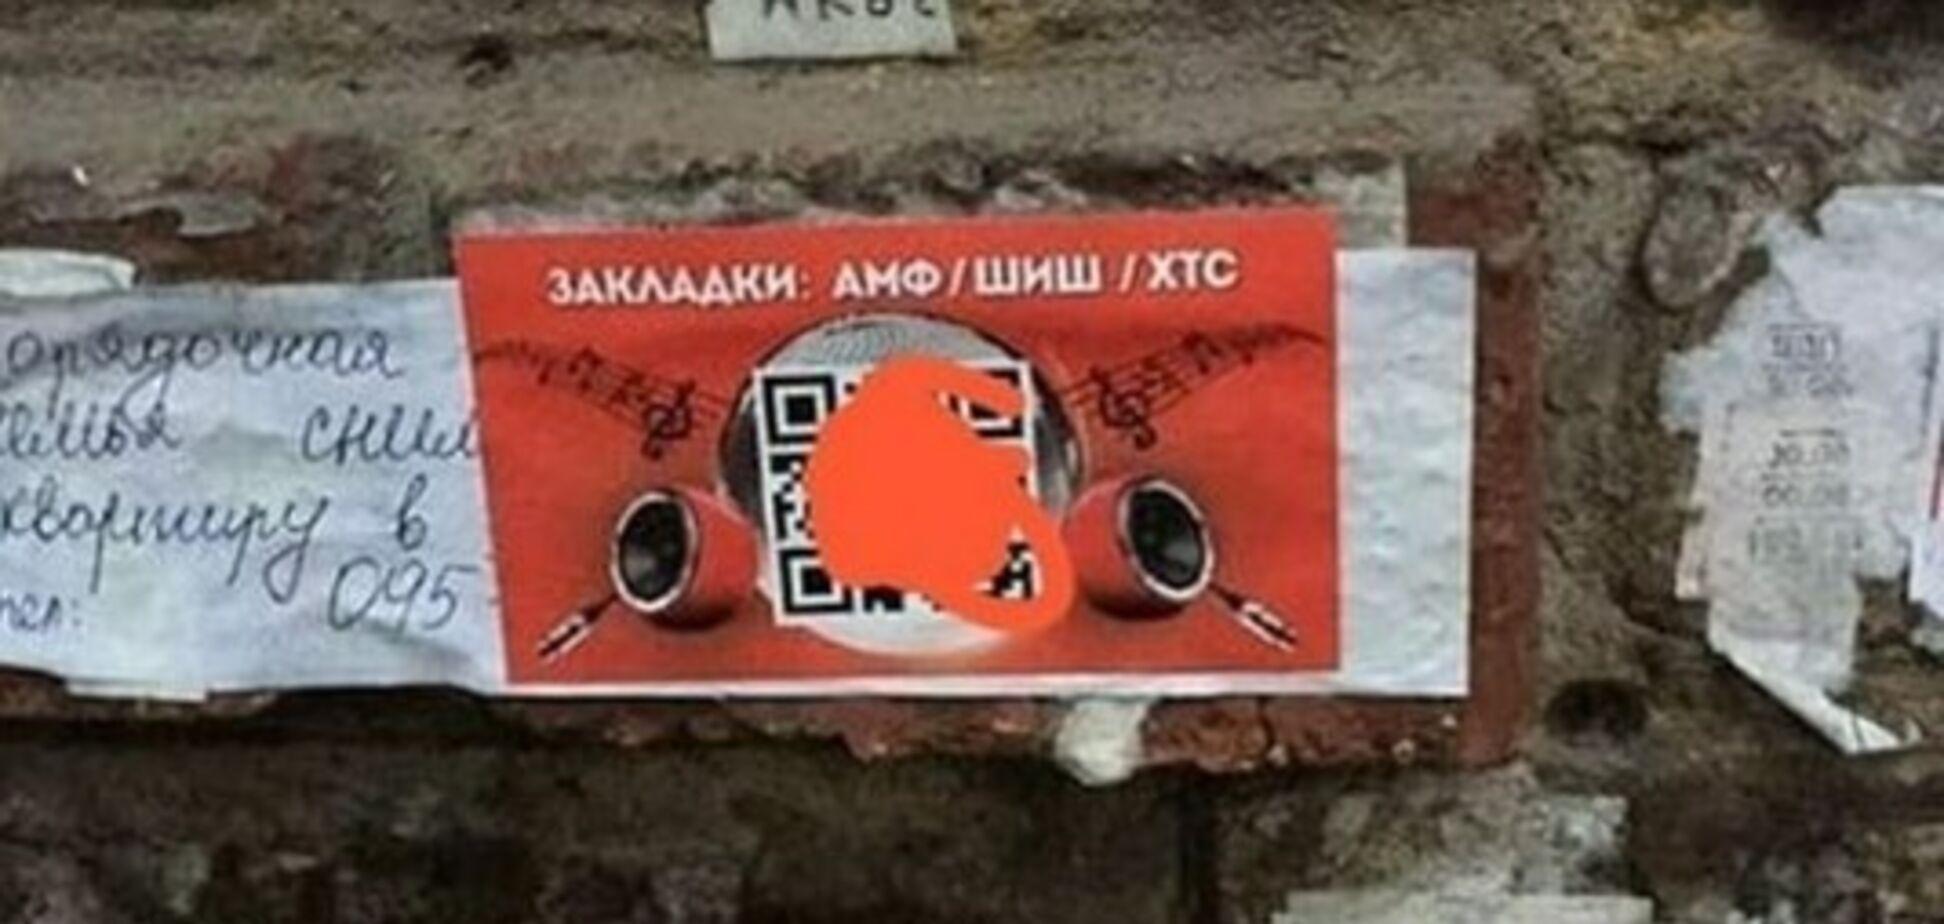 'Можете врятувати життя': українців попередили про новий спосіб збуту наркотиків